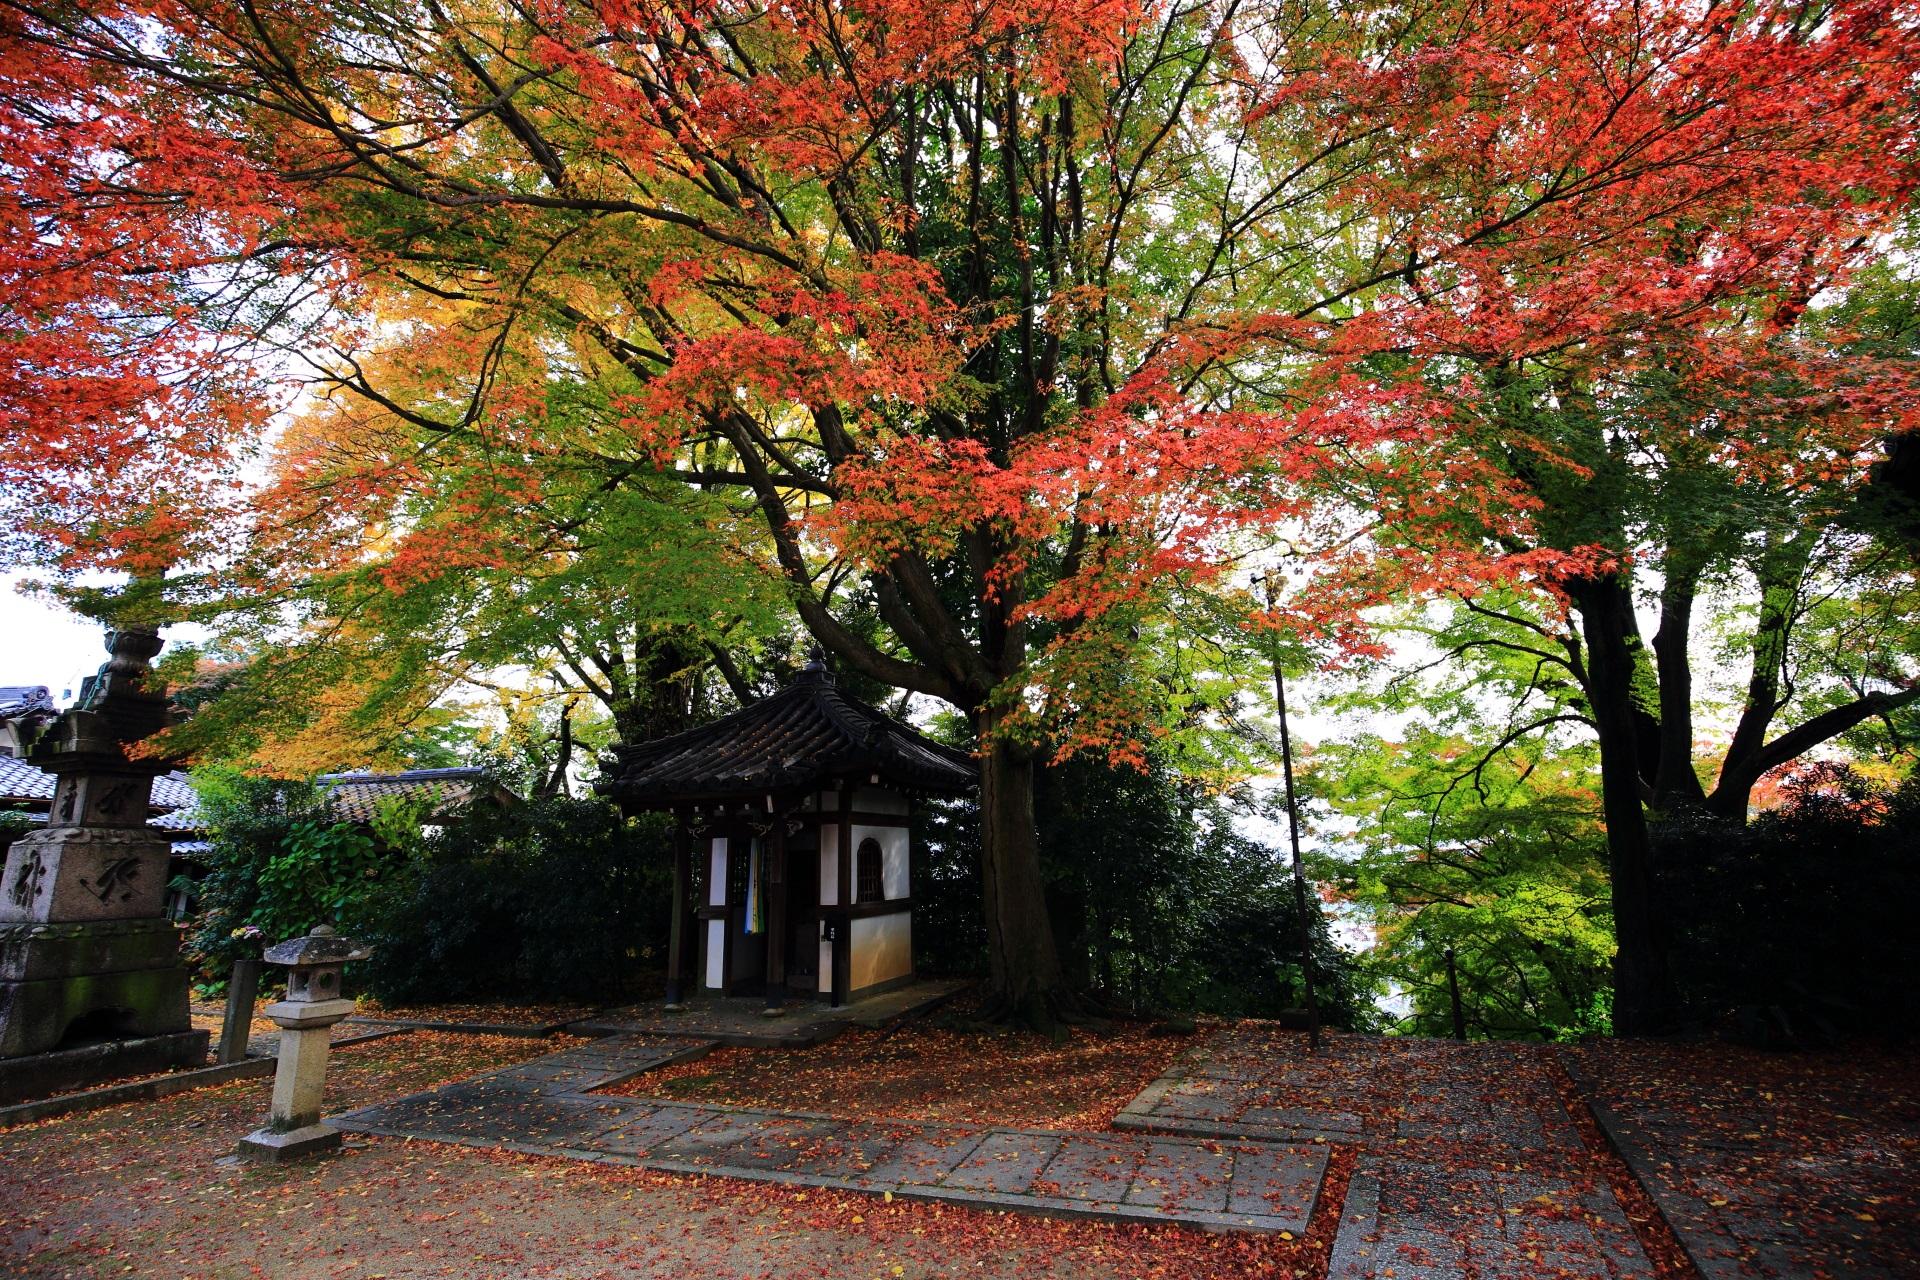 緑が残るも淡い秋の空間